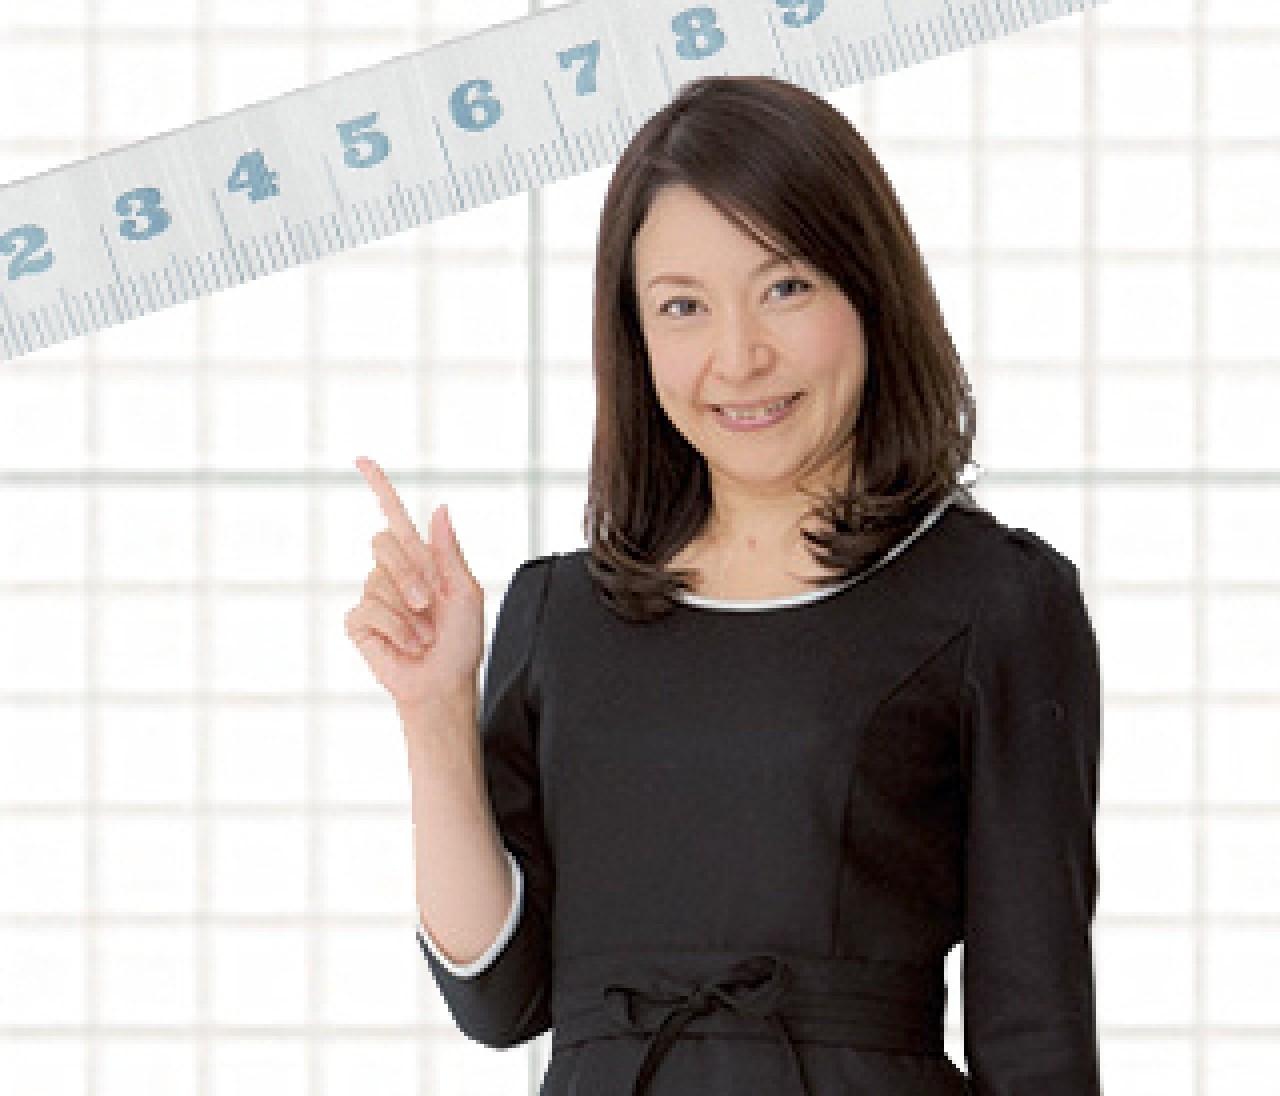 伝説のダイエットアドバイザーの【持続可能なダイエット】って?